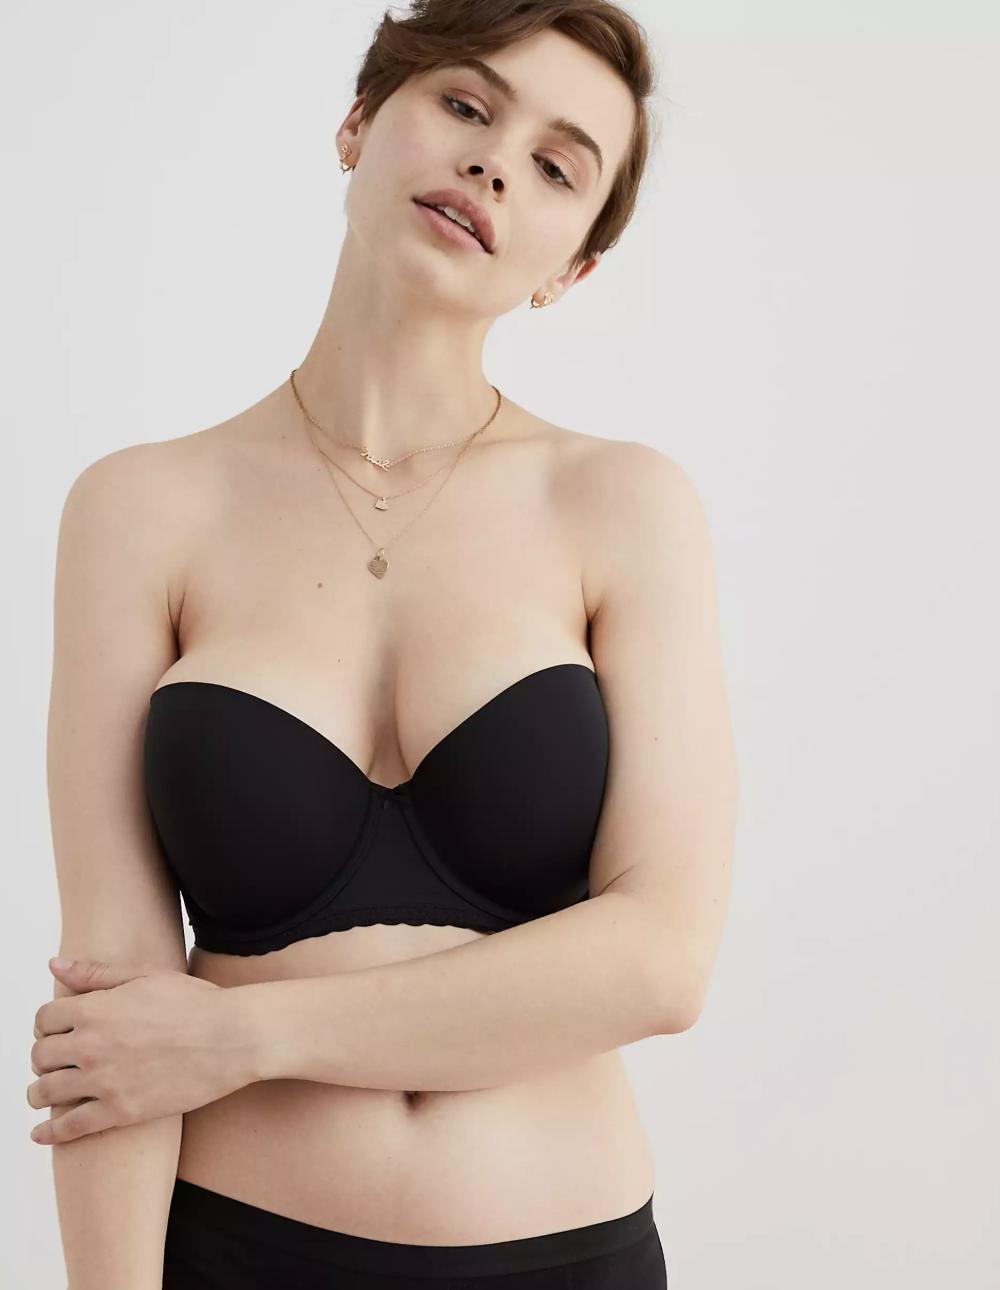 aerie strapless bra, best strapless bras